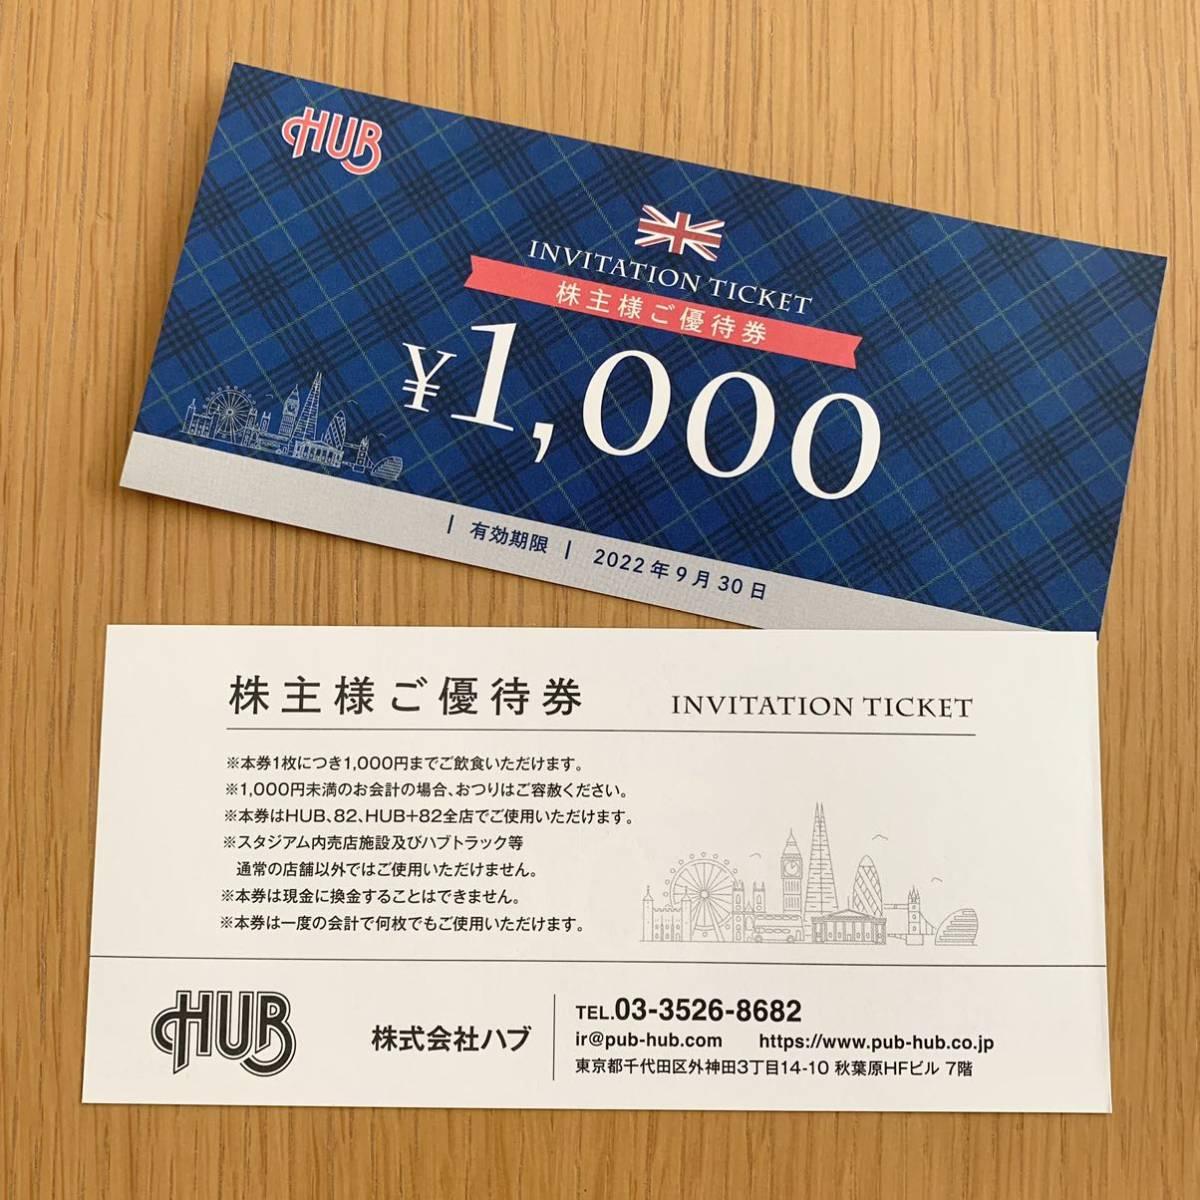 ゆうパケット発送 HUB 株主優待券 10000円分 有効期限 2022.9.30_画像3